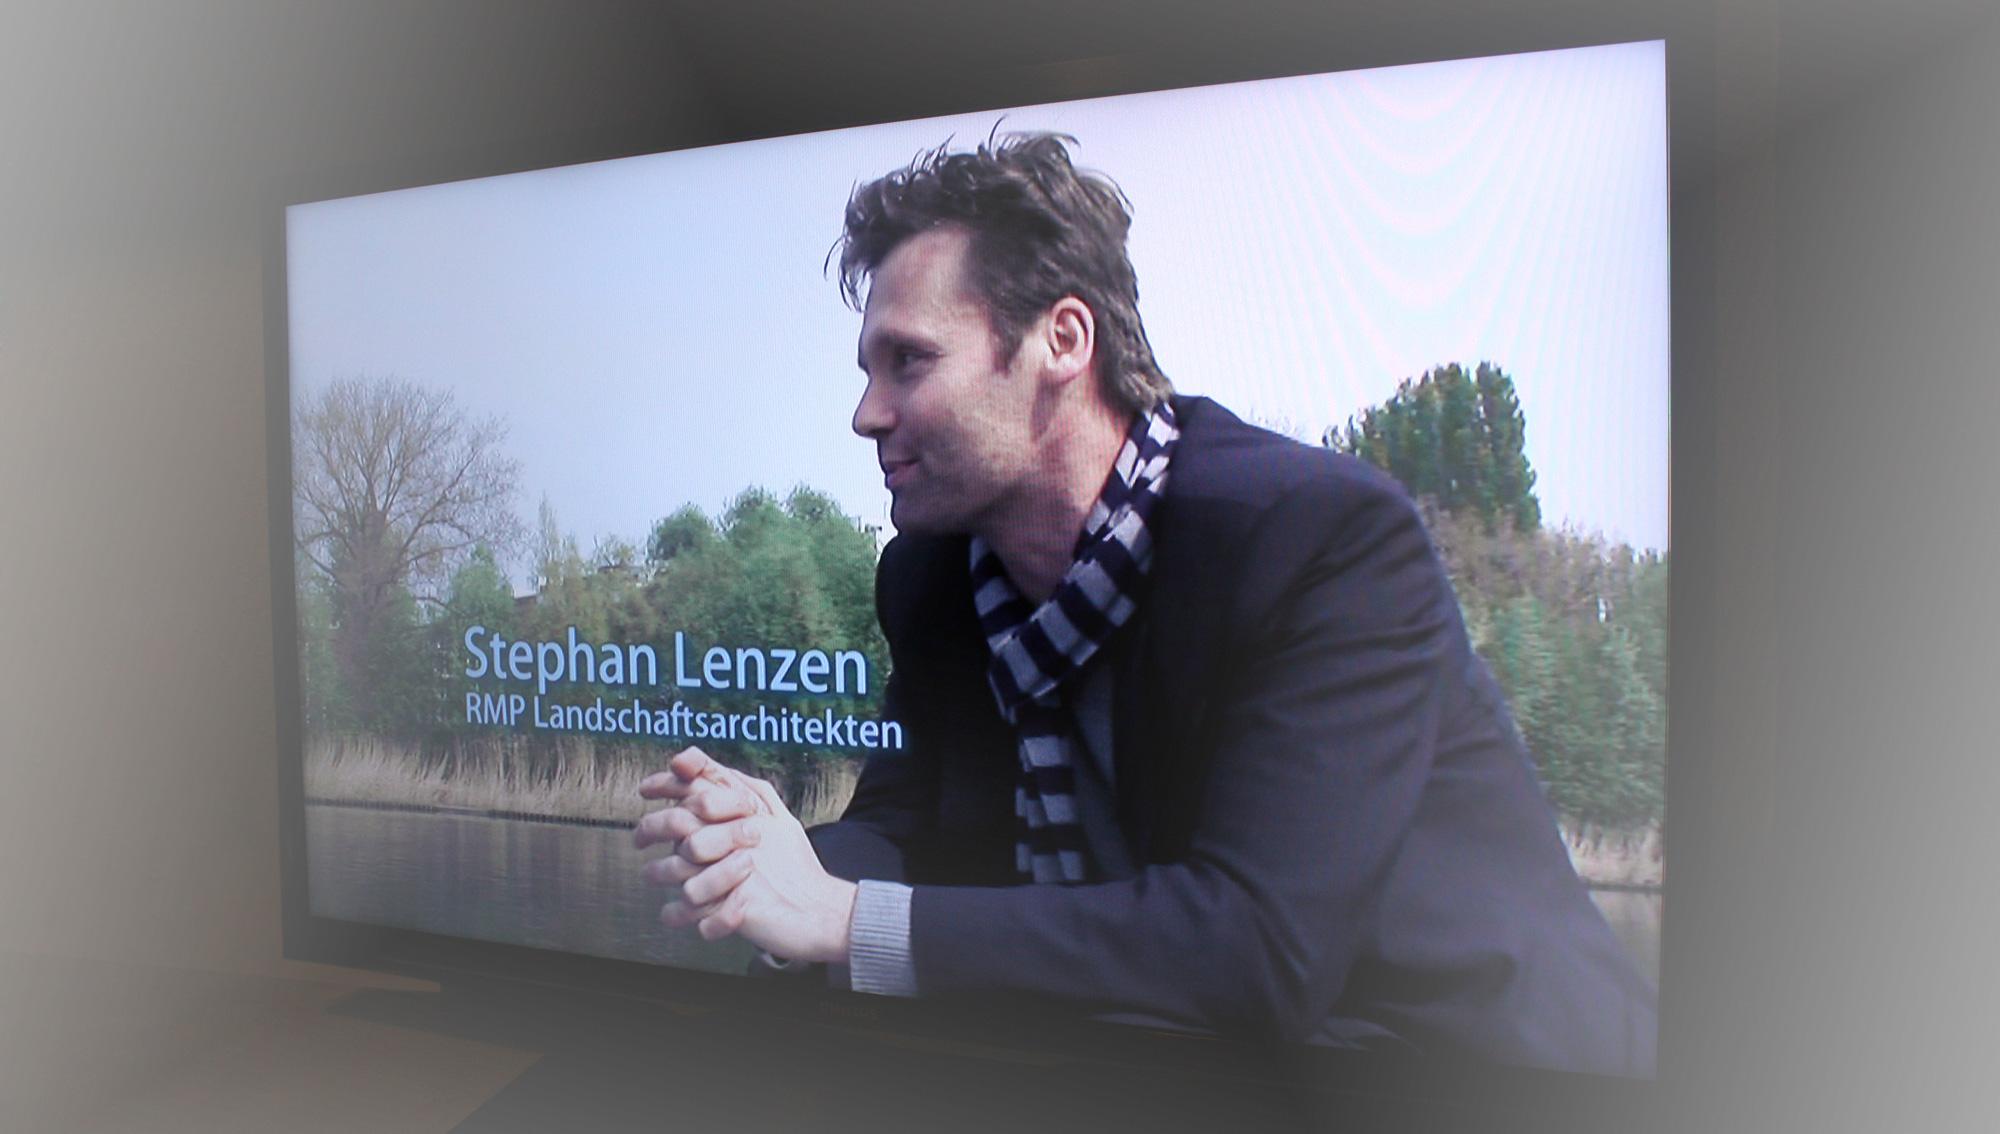 Bezaubernd Rmp Landschaftsarchitekten Referenz Von Stephan Lenzen